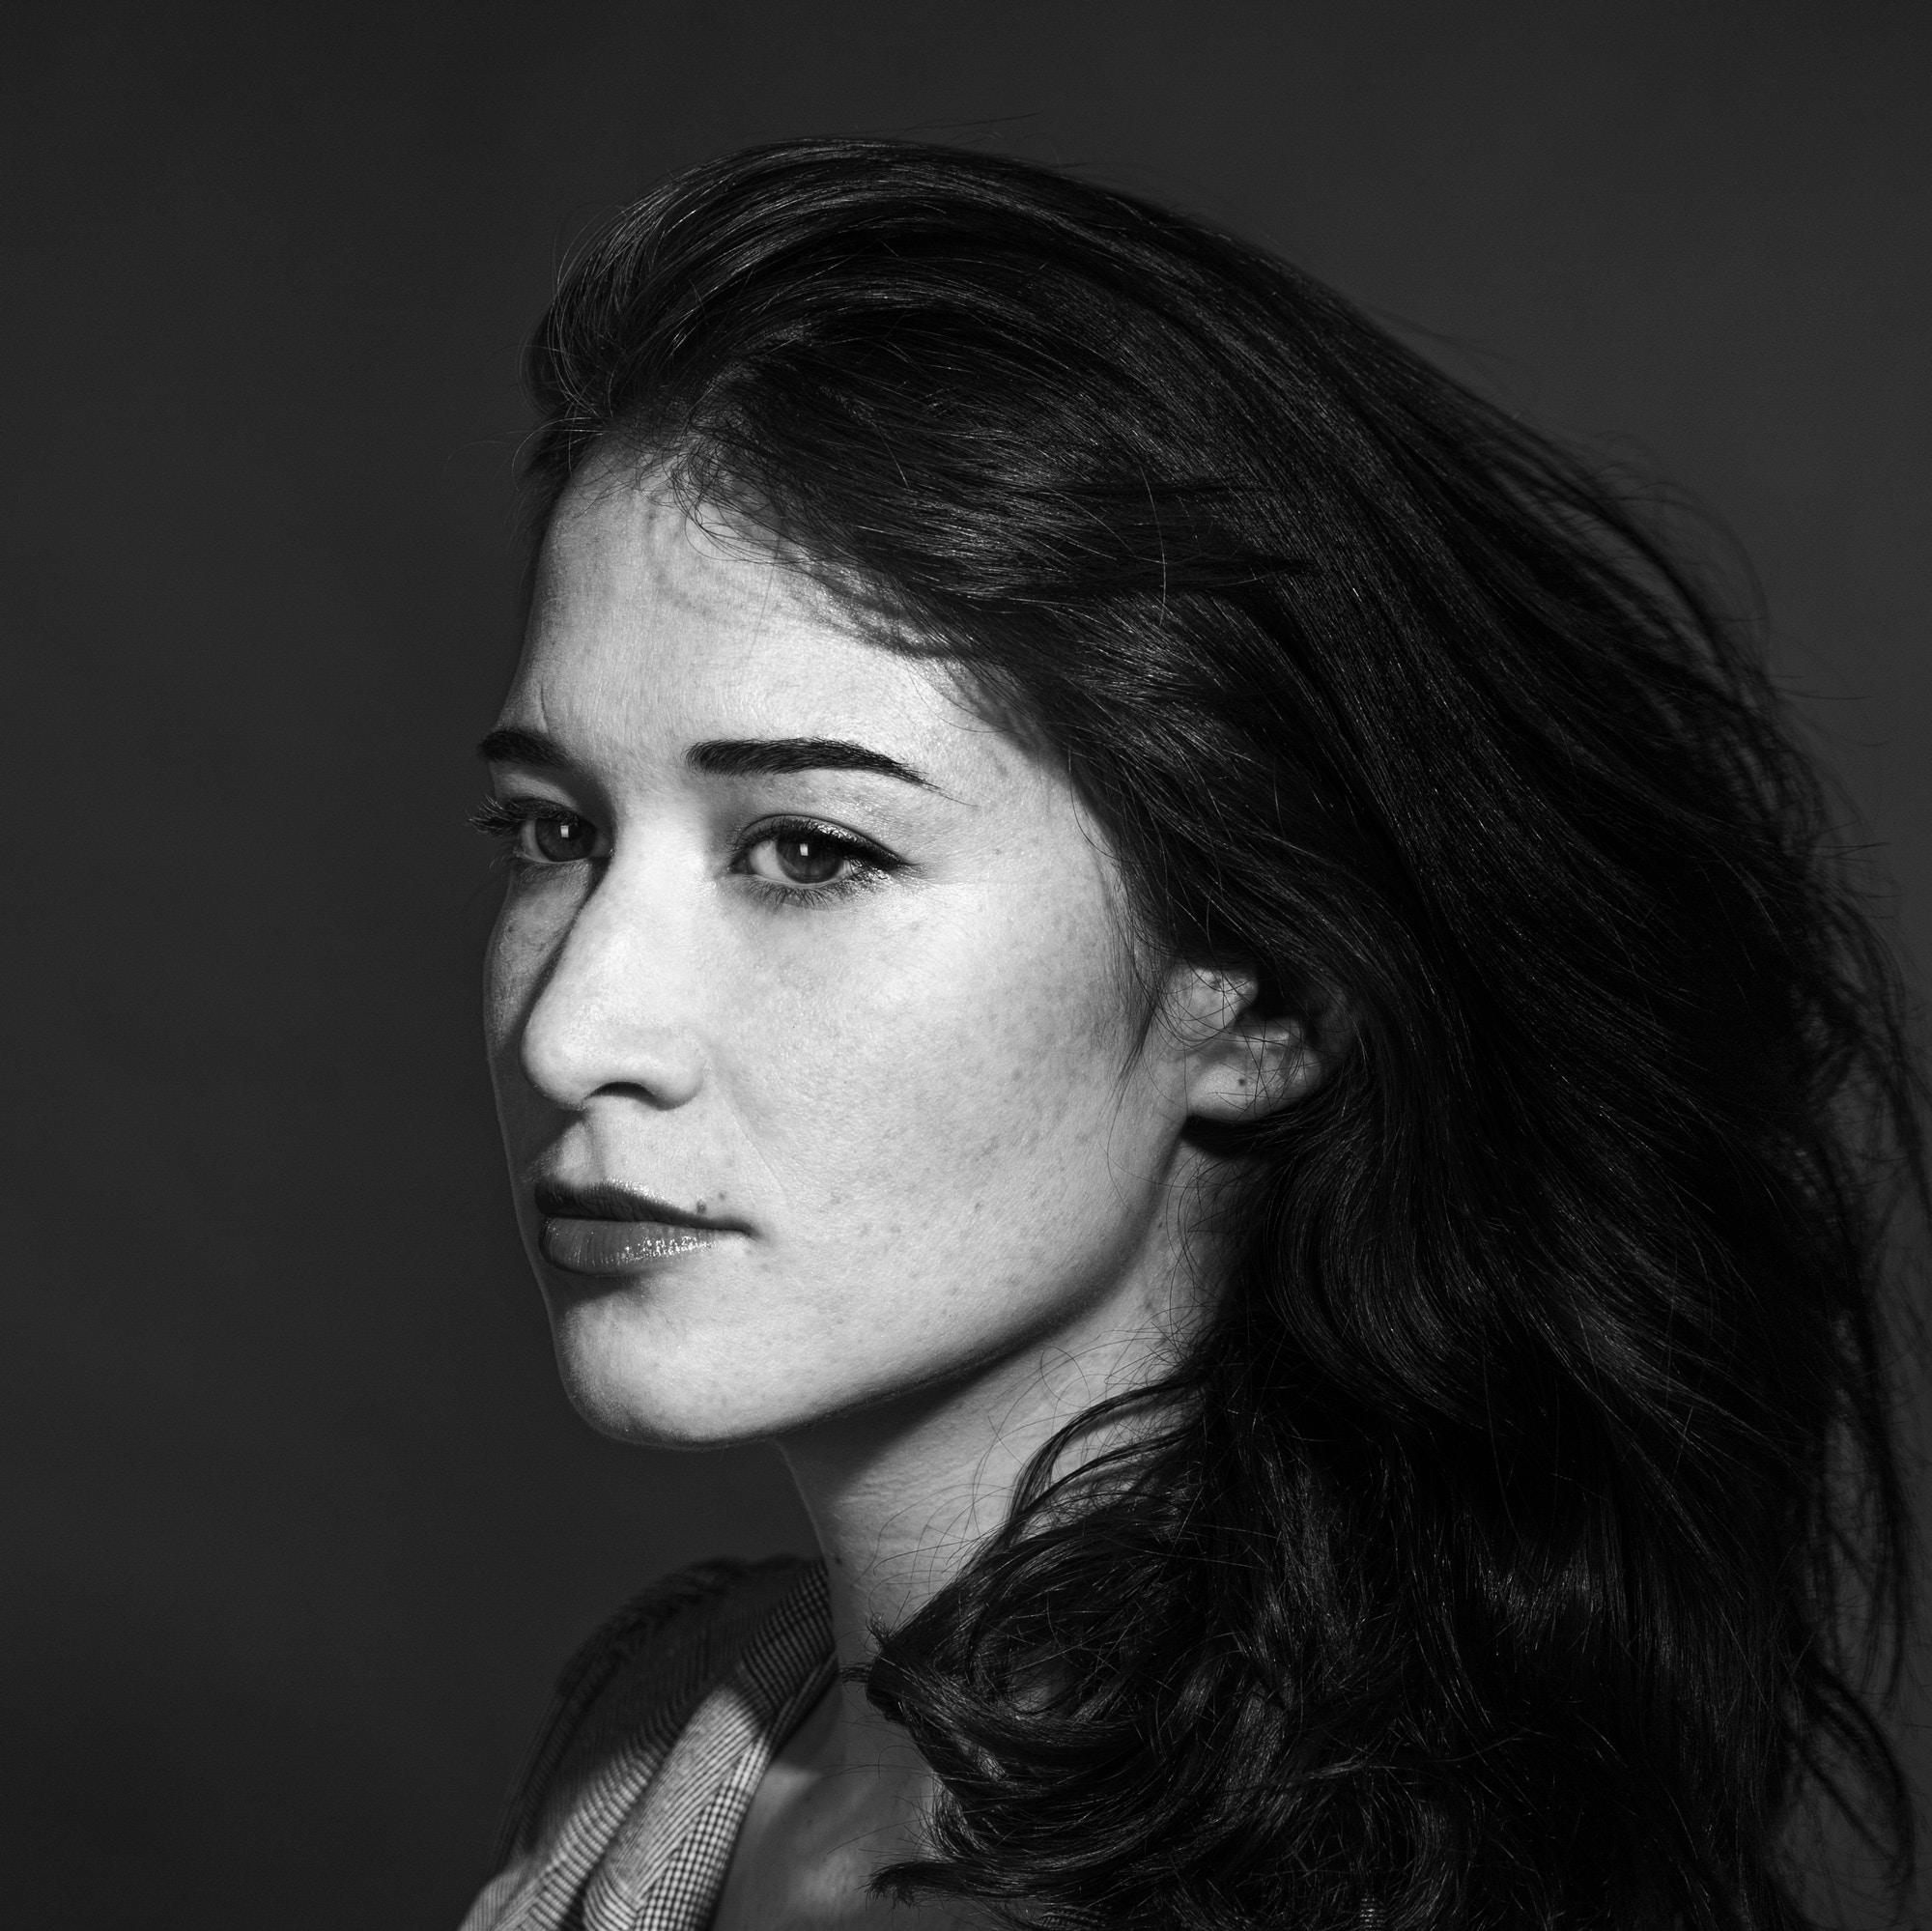 Elise Swain